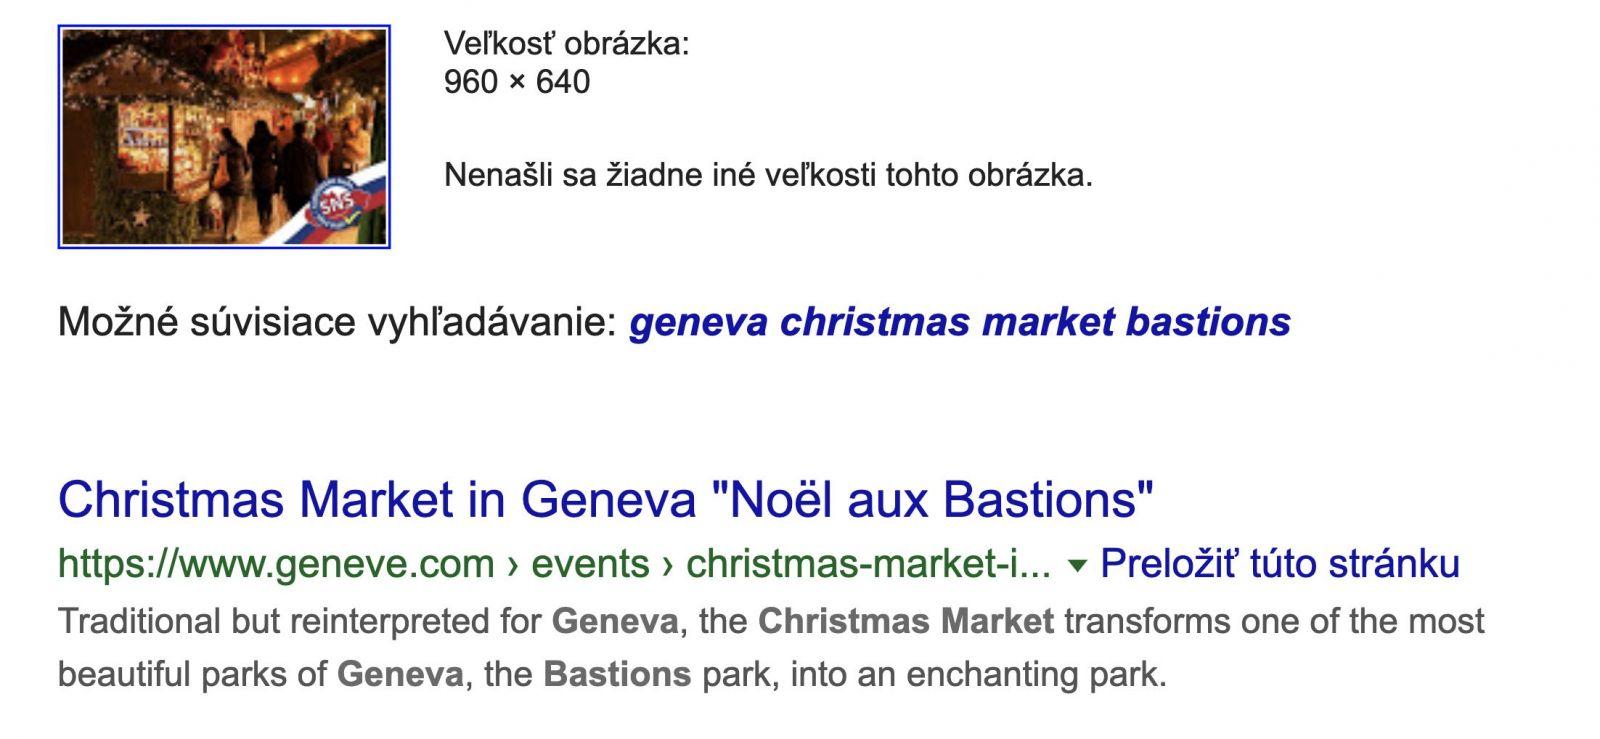 Predseda SNS Andrej Danko praje Slovákom pohodový adventný večer s trikolórou a logom strany na fotke vianočných trhov z Zürichu